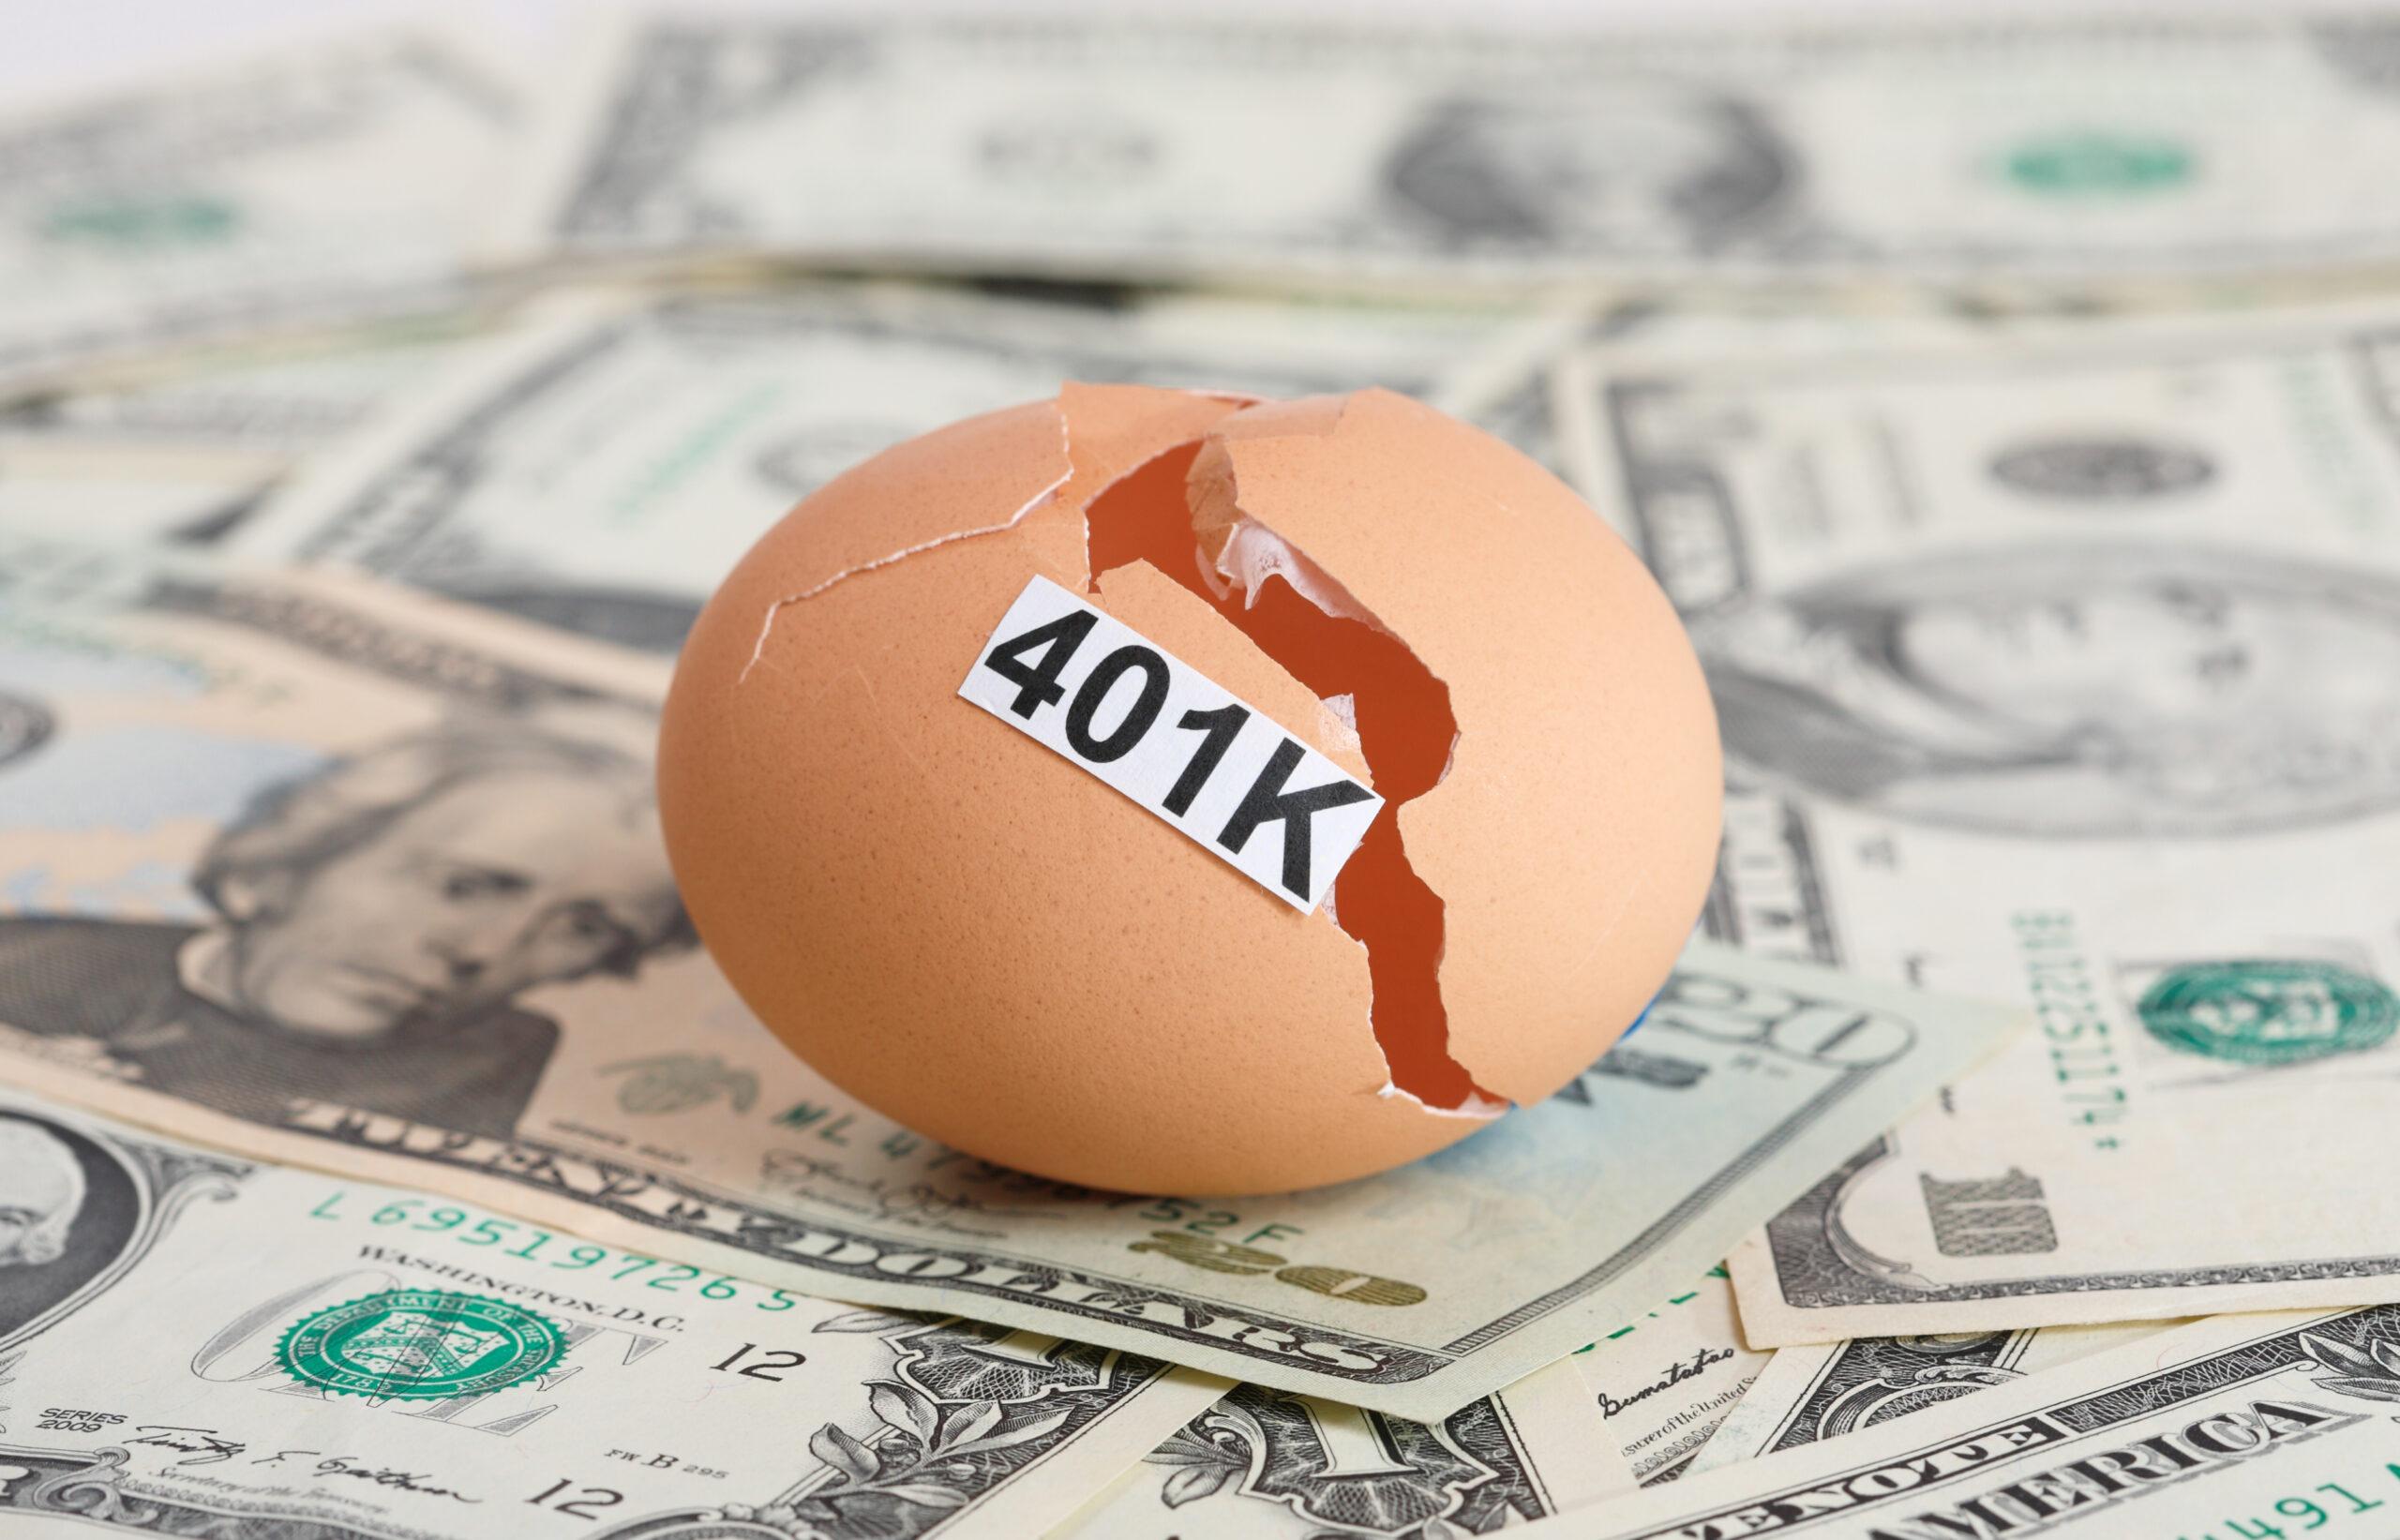 401K Written on Cracked Egg on Cash